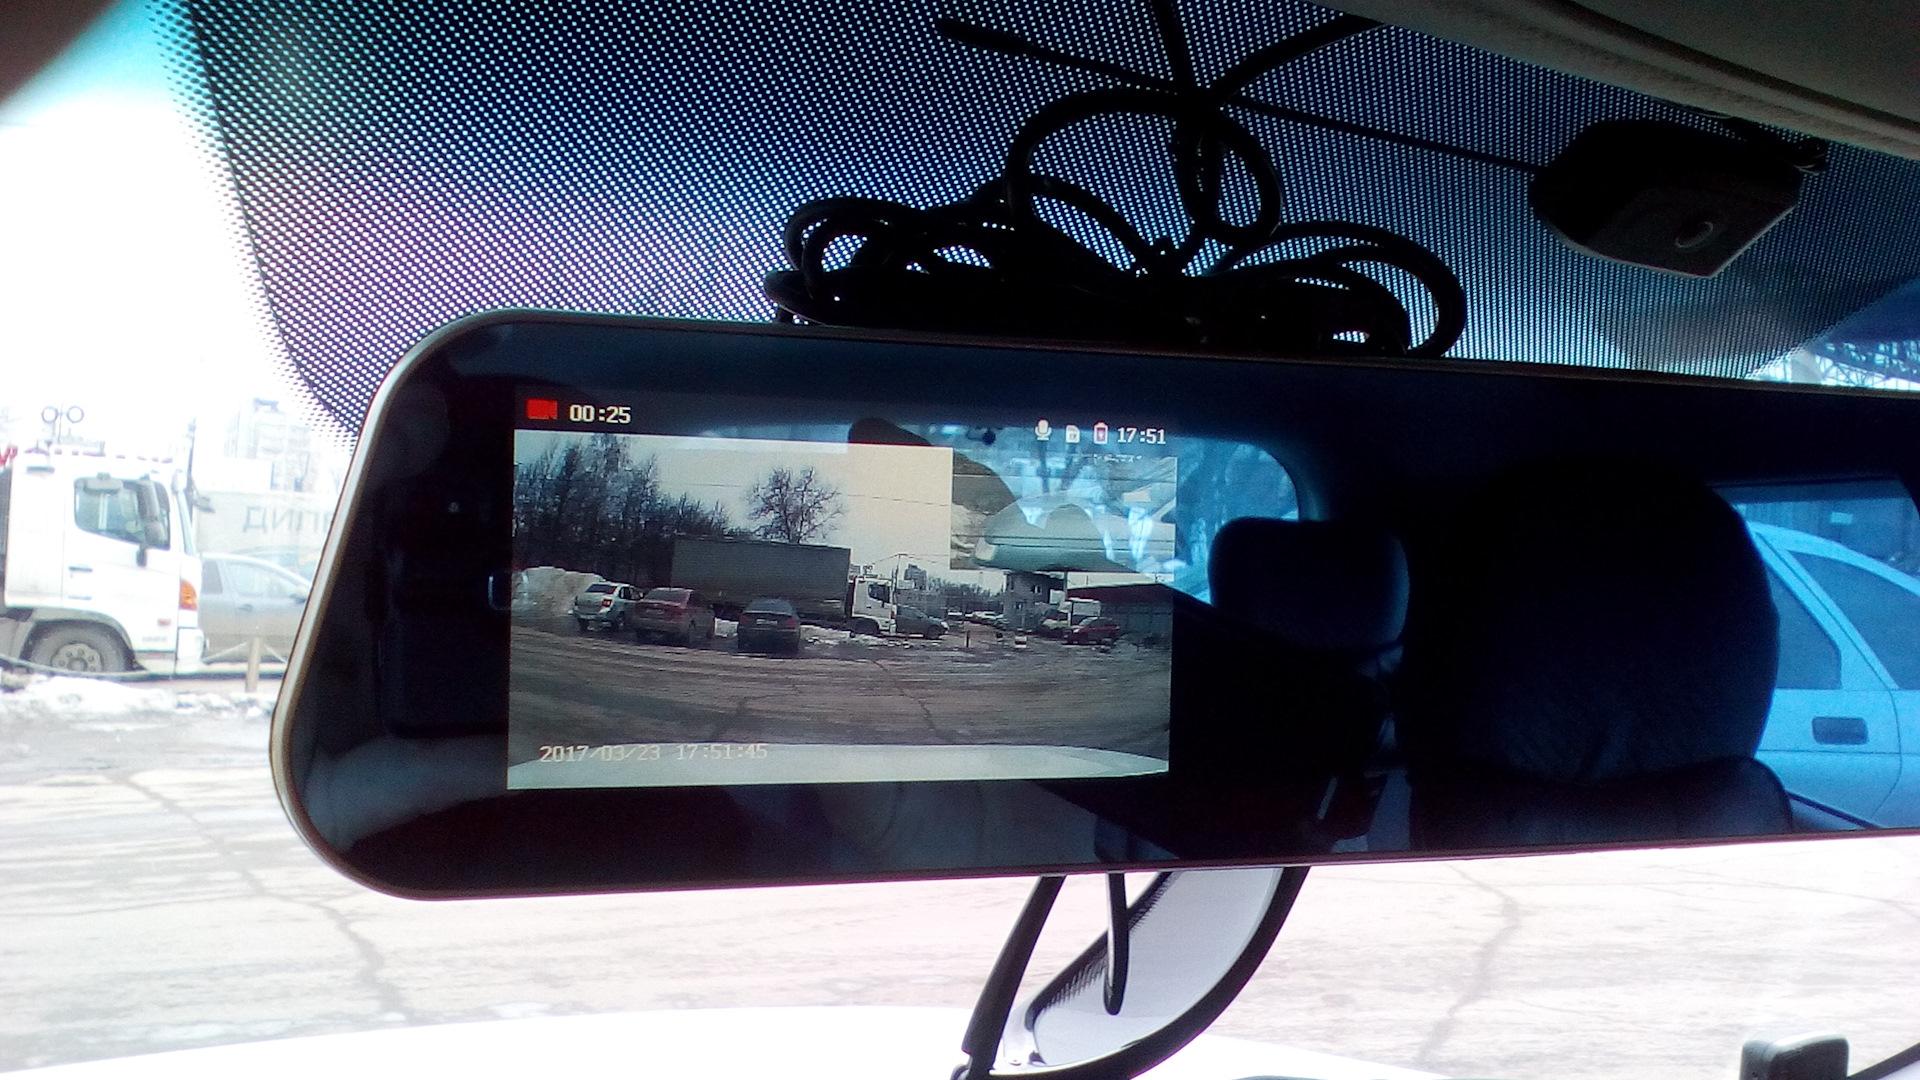 Прошивка регистратор зеркало видео регистратор видео автоподстав